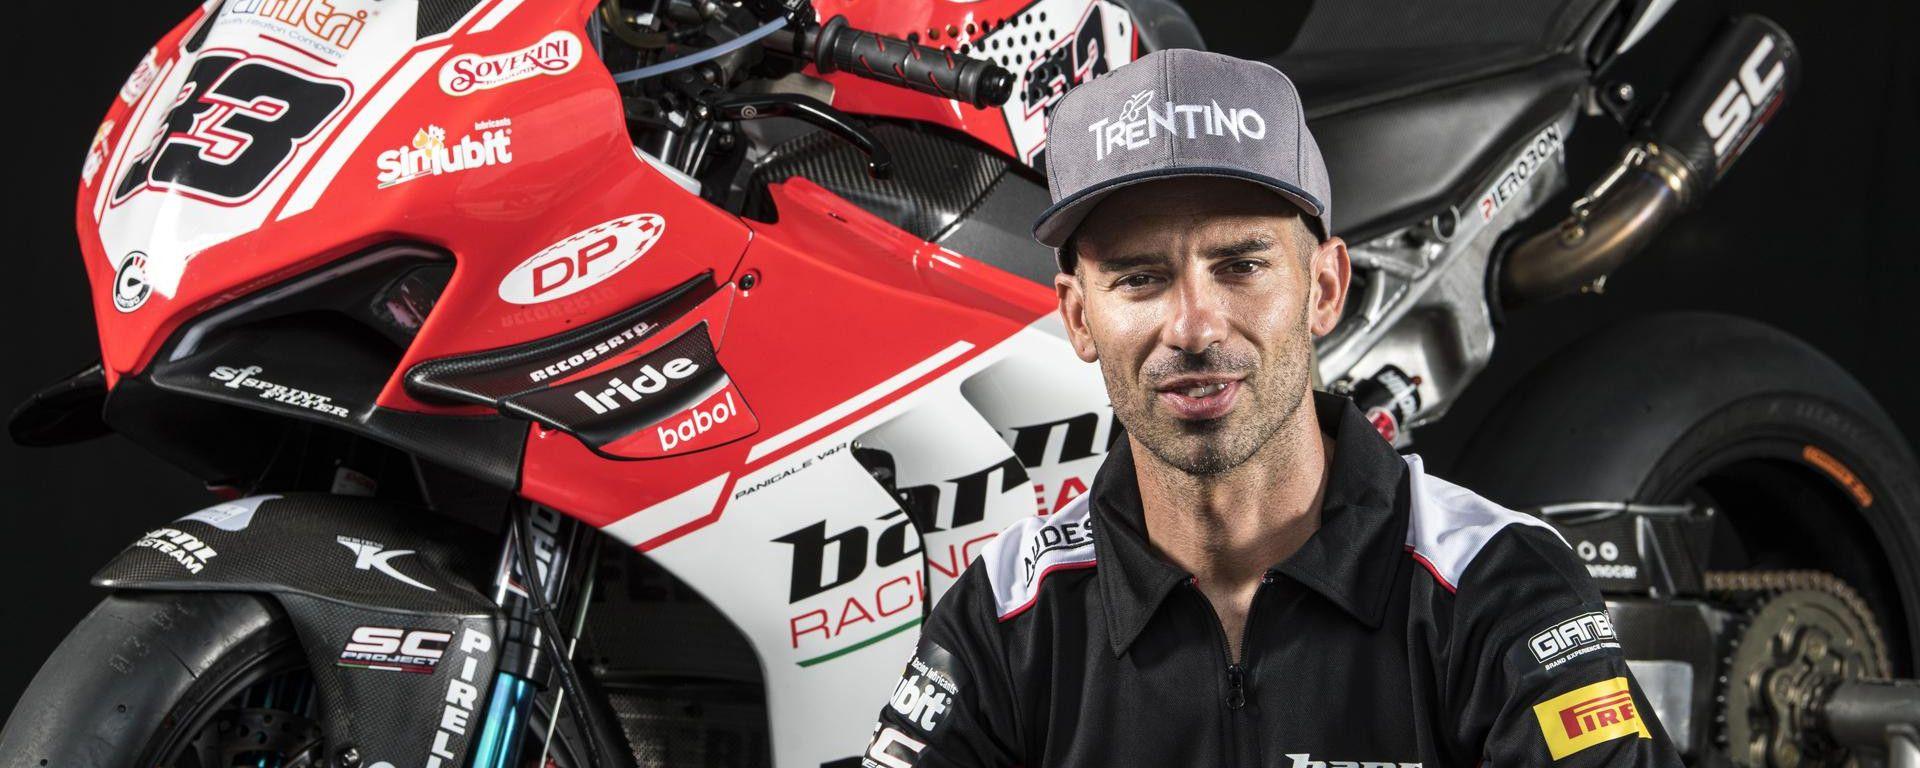 Marco Melandri (Ducati Barni Racing)